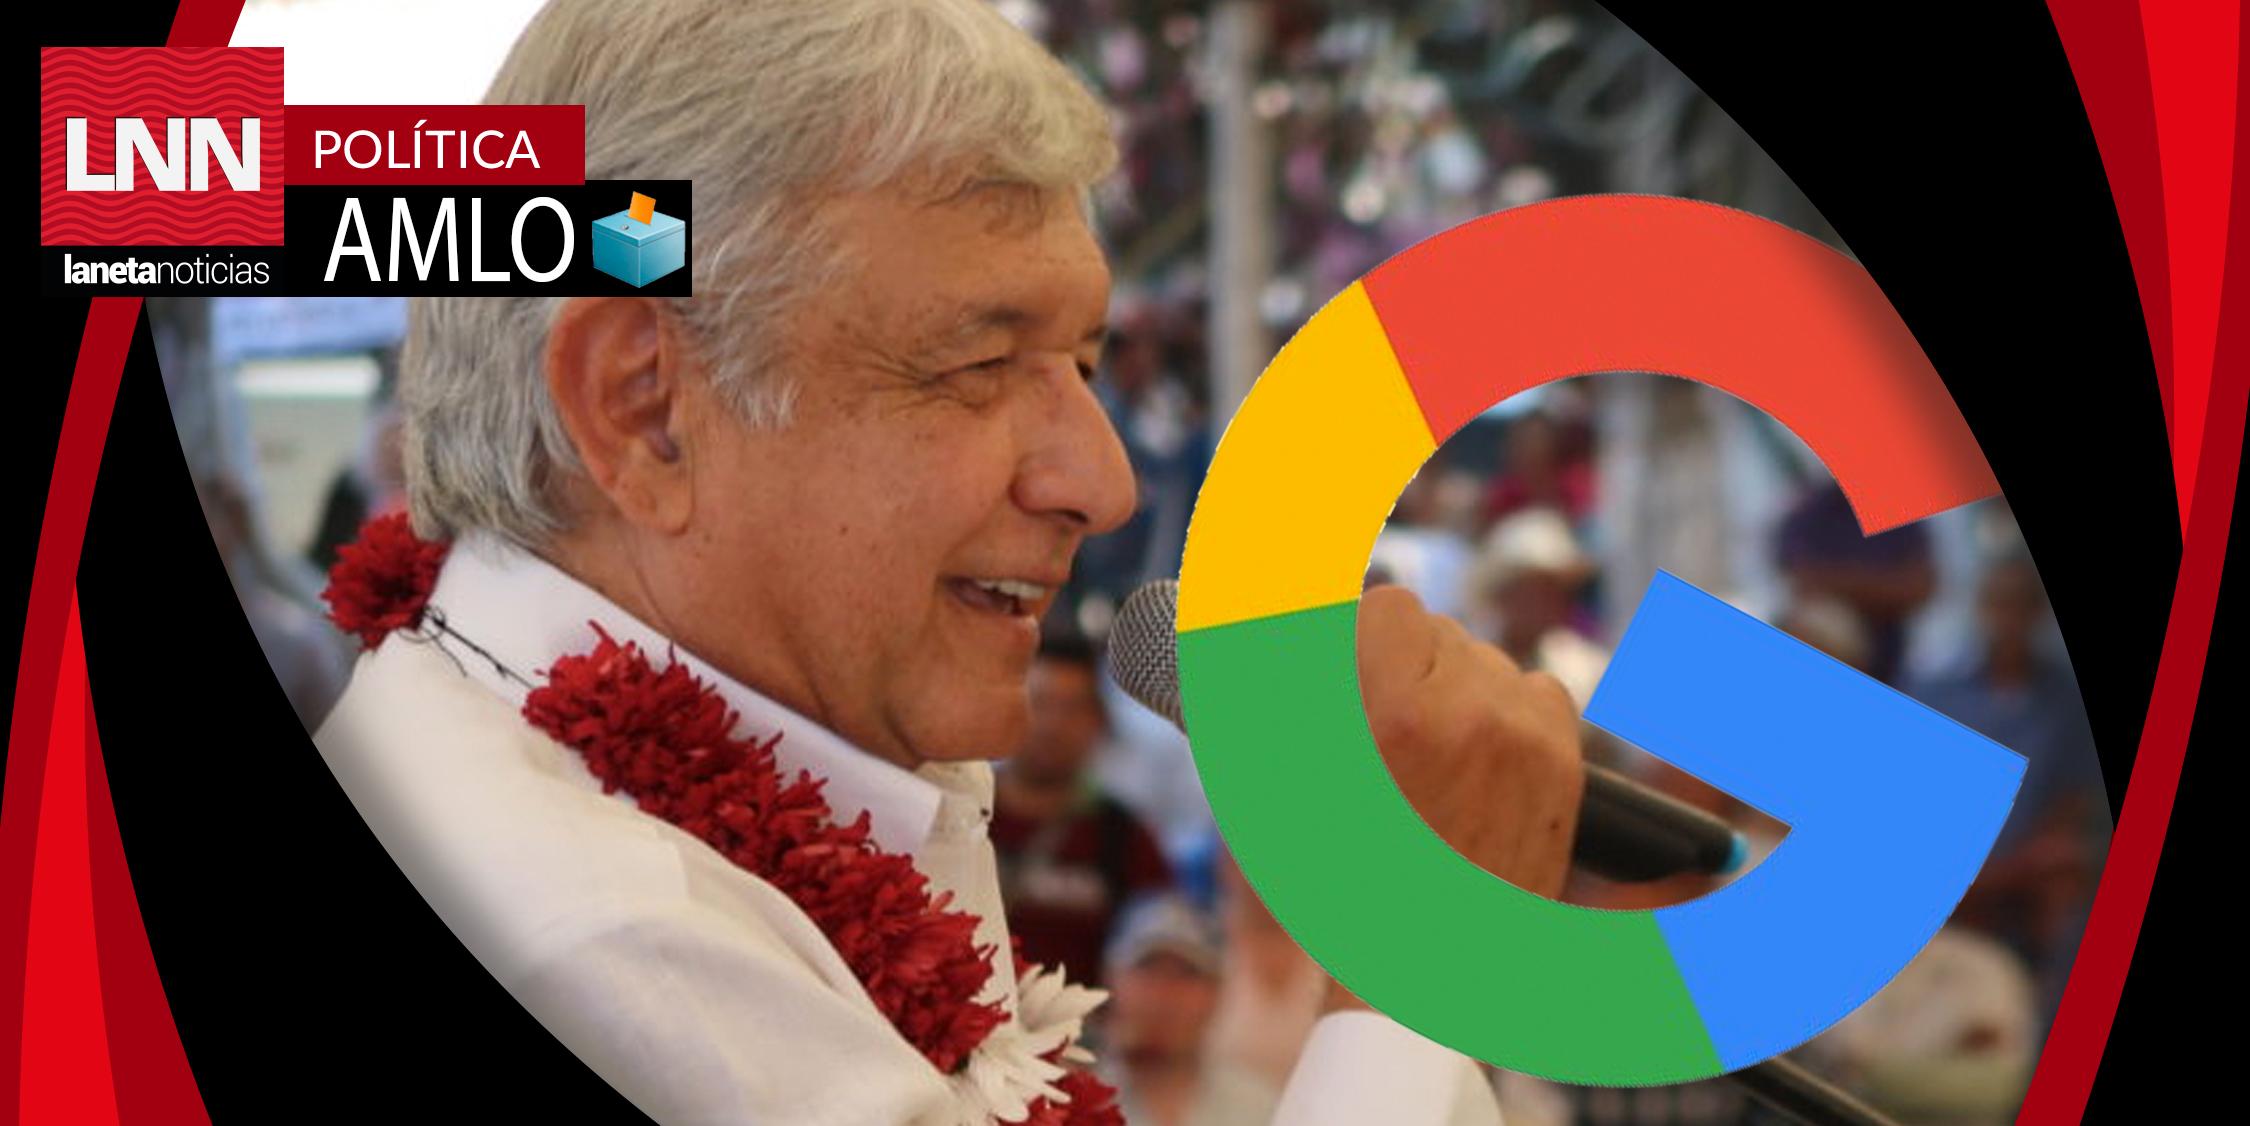 AMLO es el precandidato presidencial más buscado en Google